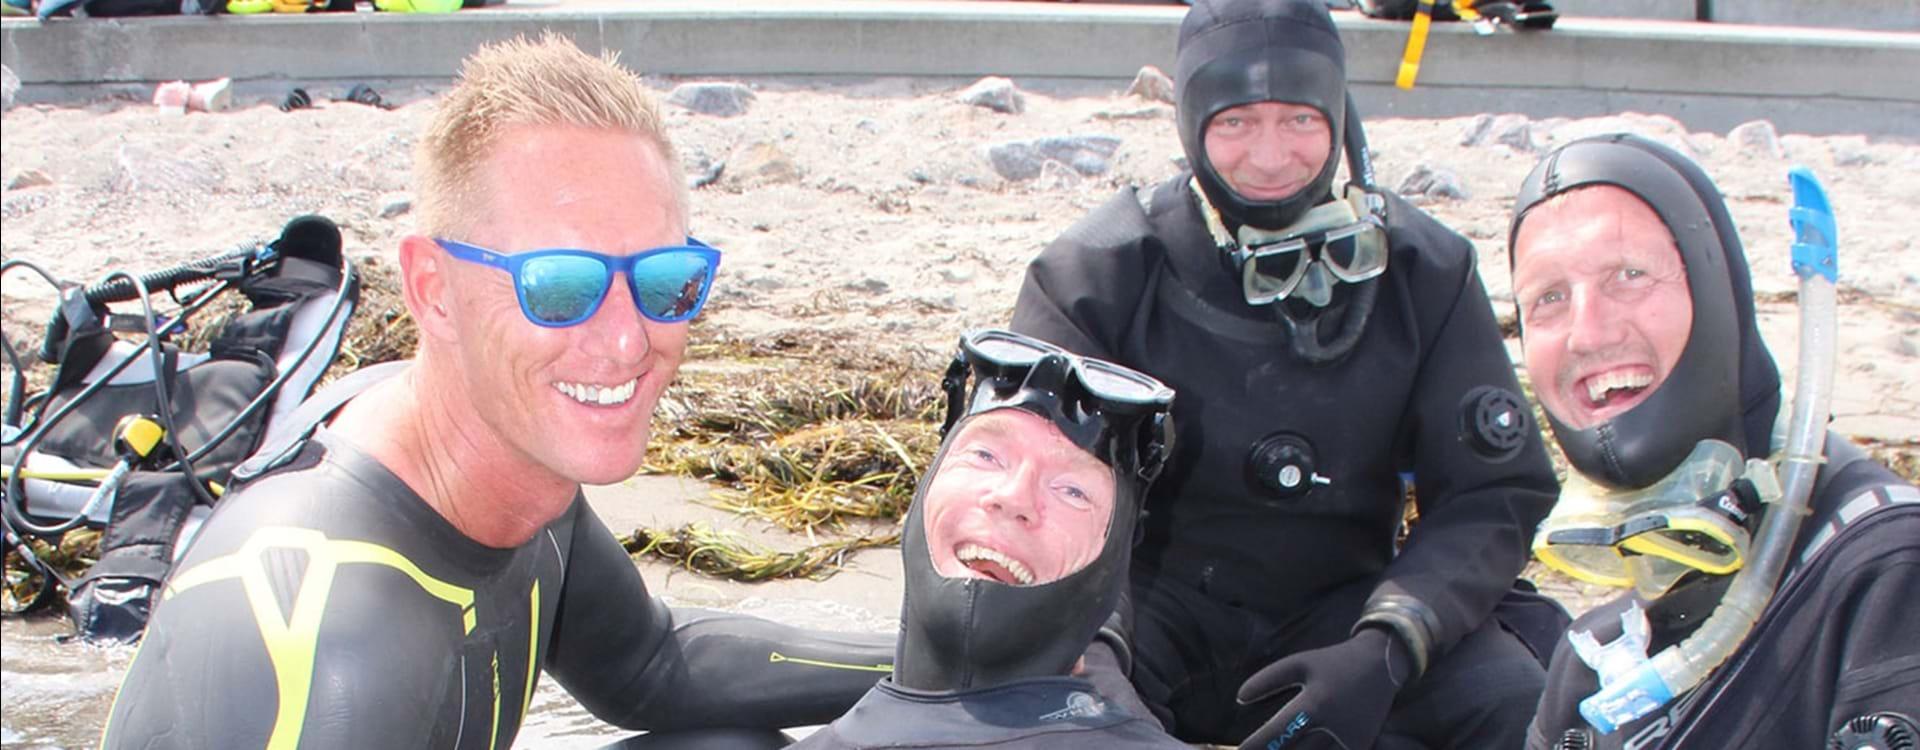 Dykning på Åbent Hav